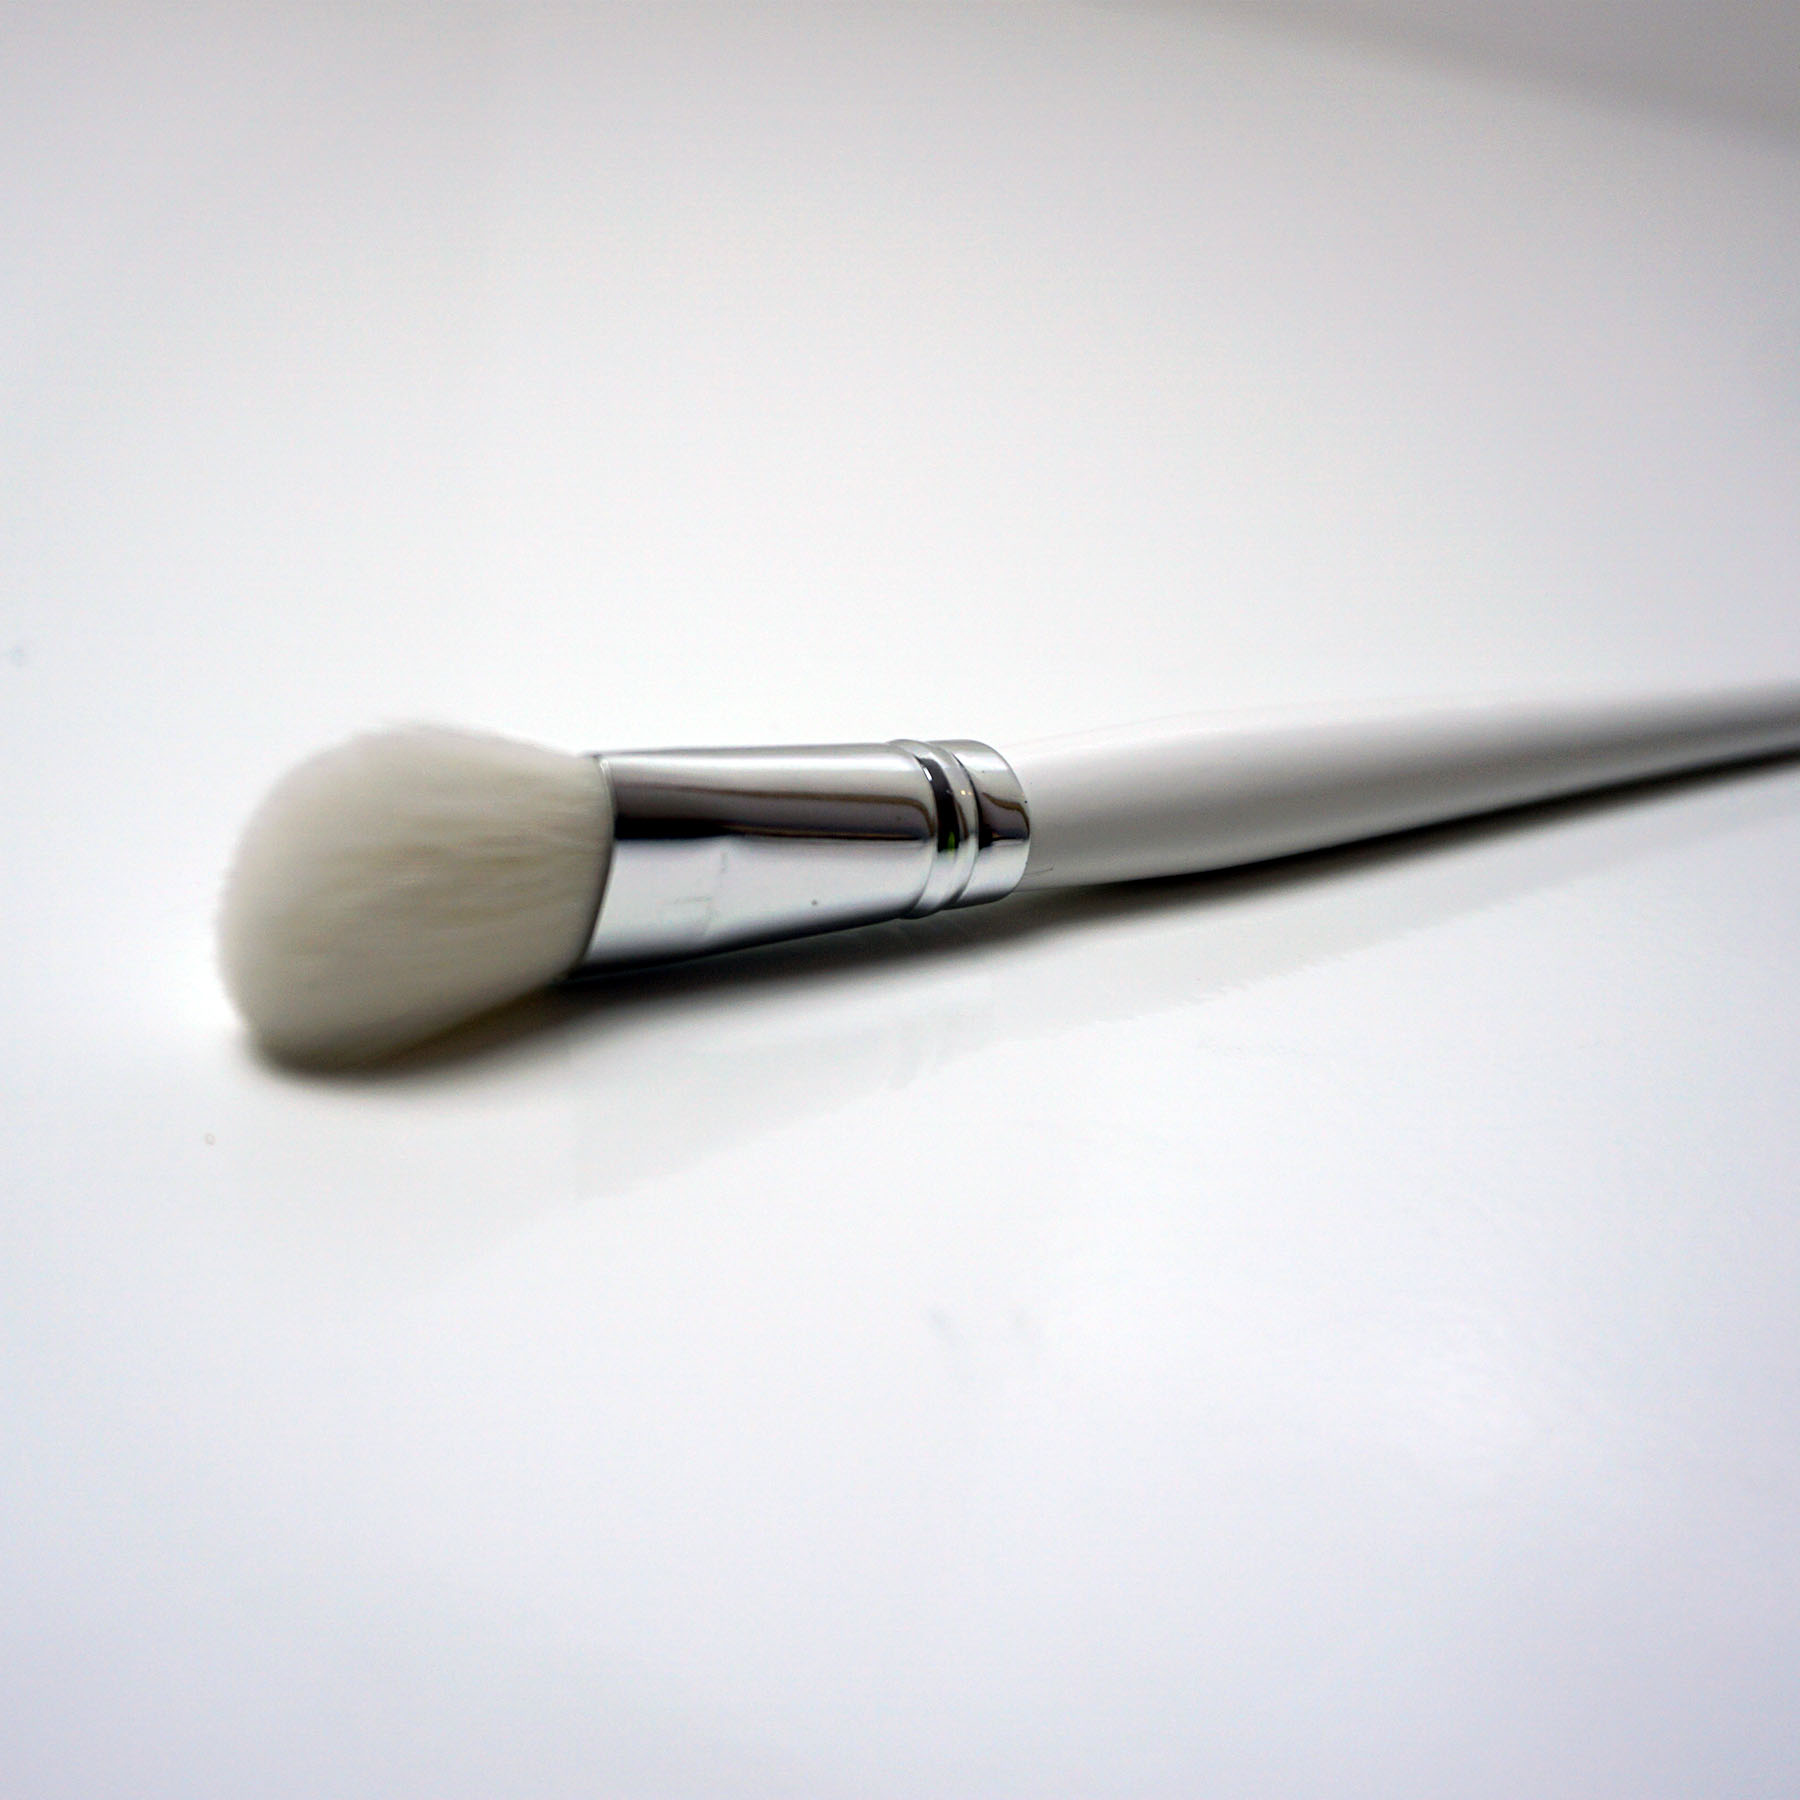 Fächerpinsel zum Entfernen von Glitzer für Glitzer-Tattoos Make up Kosmetik Pinsel Brush